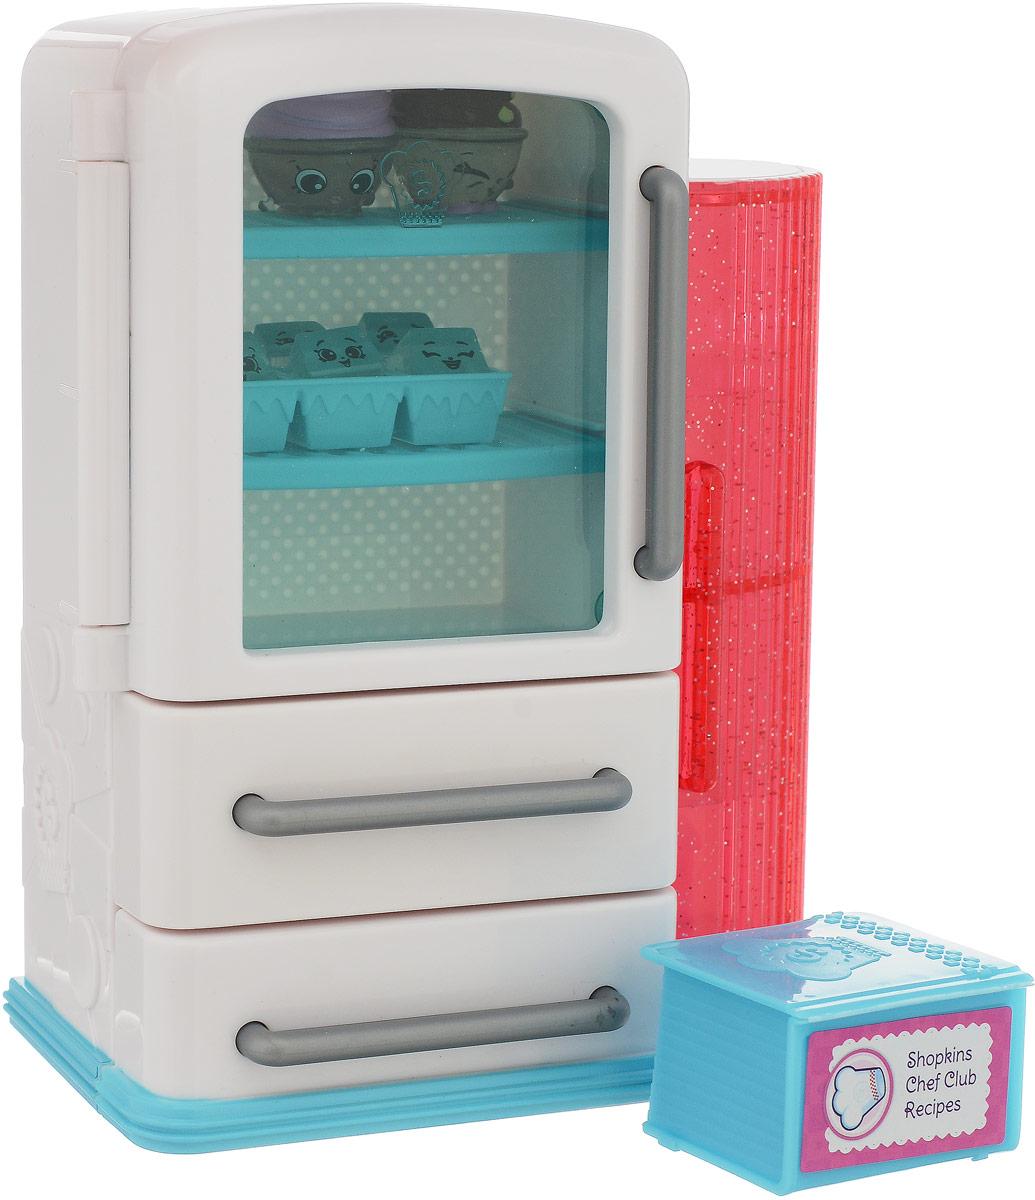 Shopkins Набор фигурок с мебелью Кулинарный клуб Кухня Холодильник - Фигурки